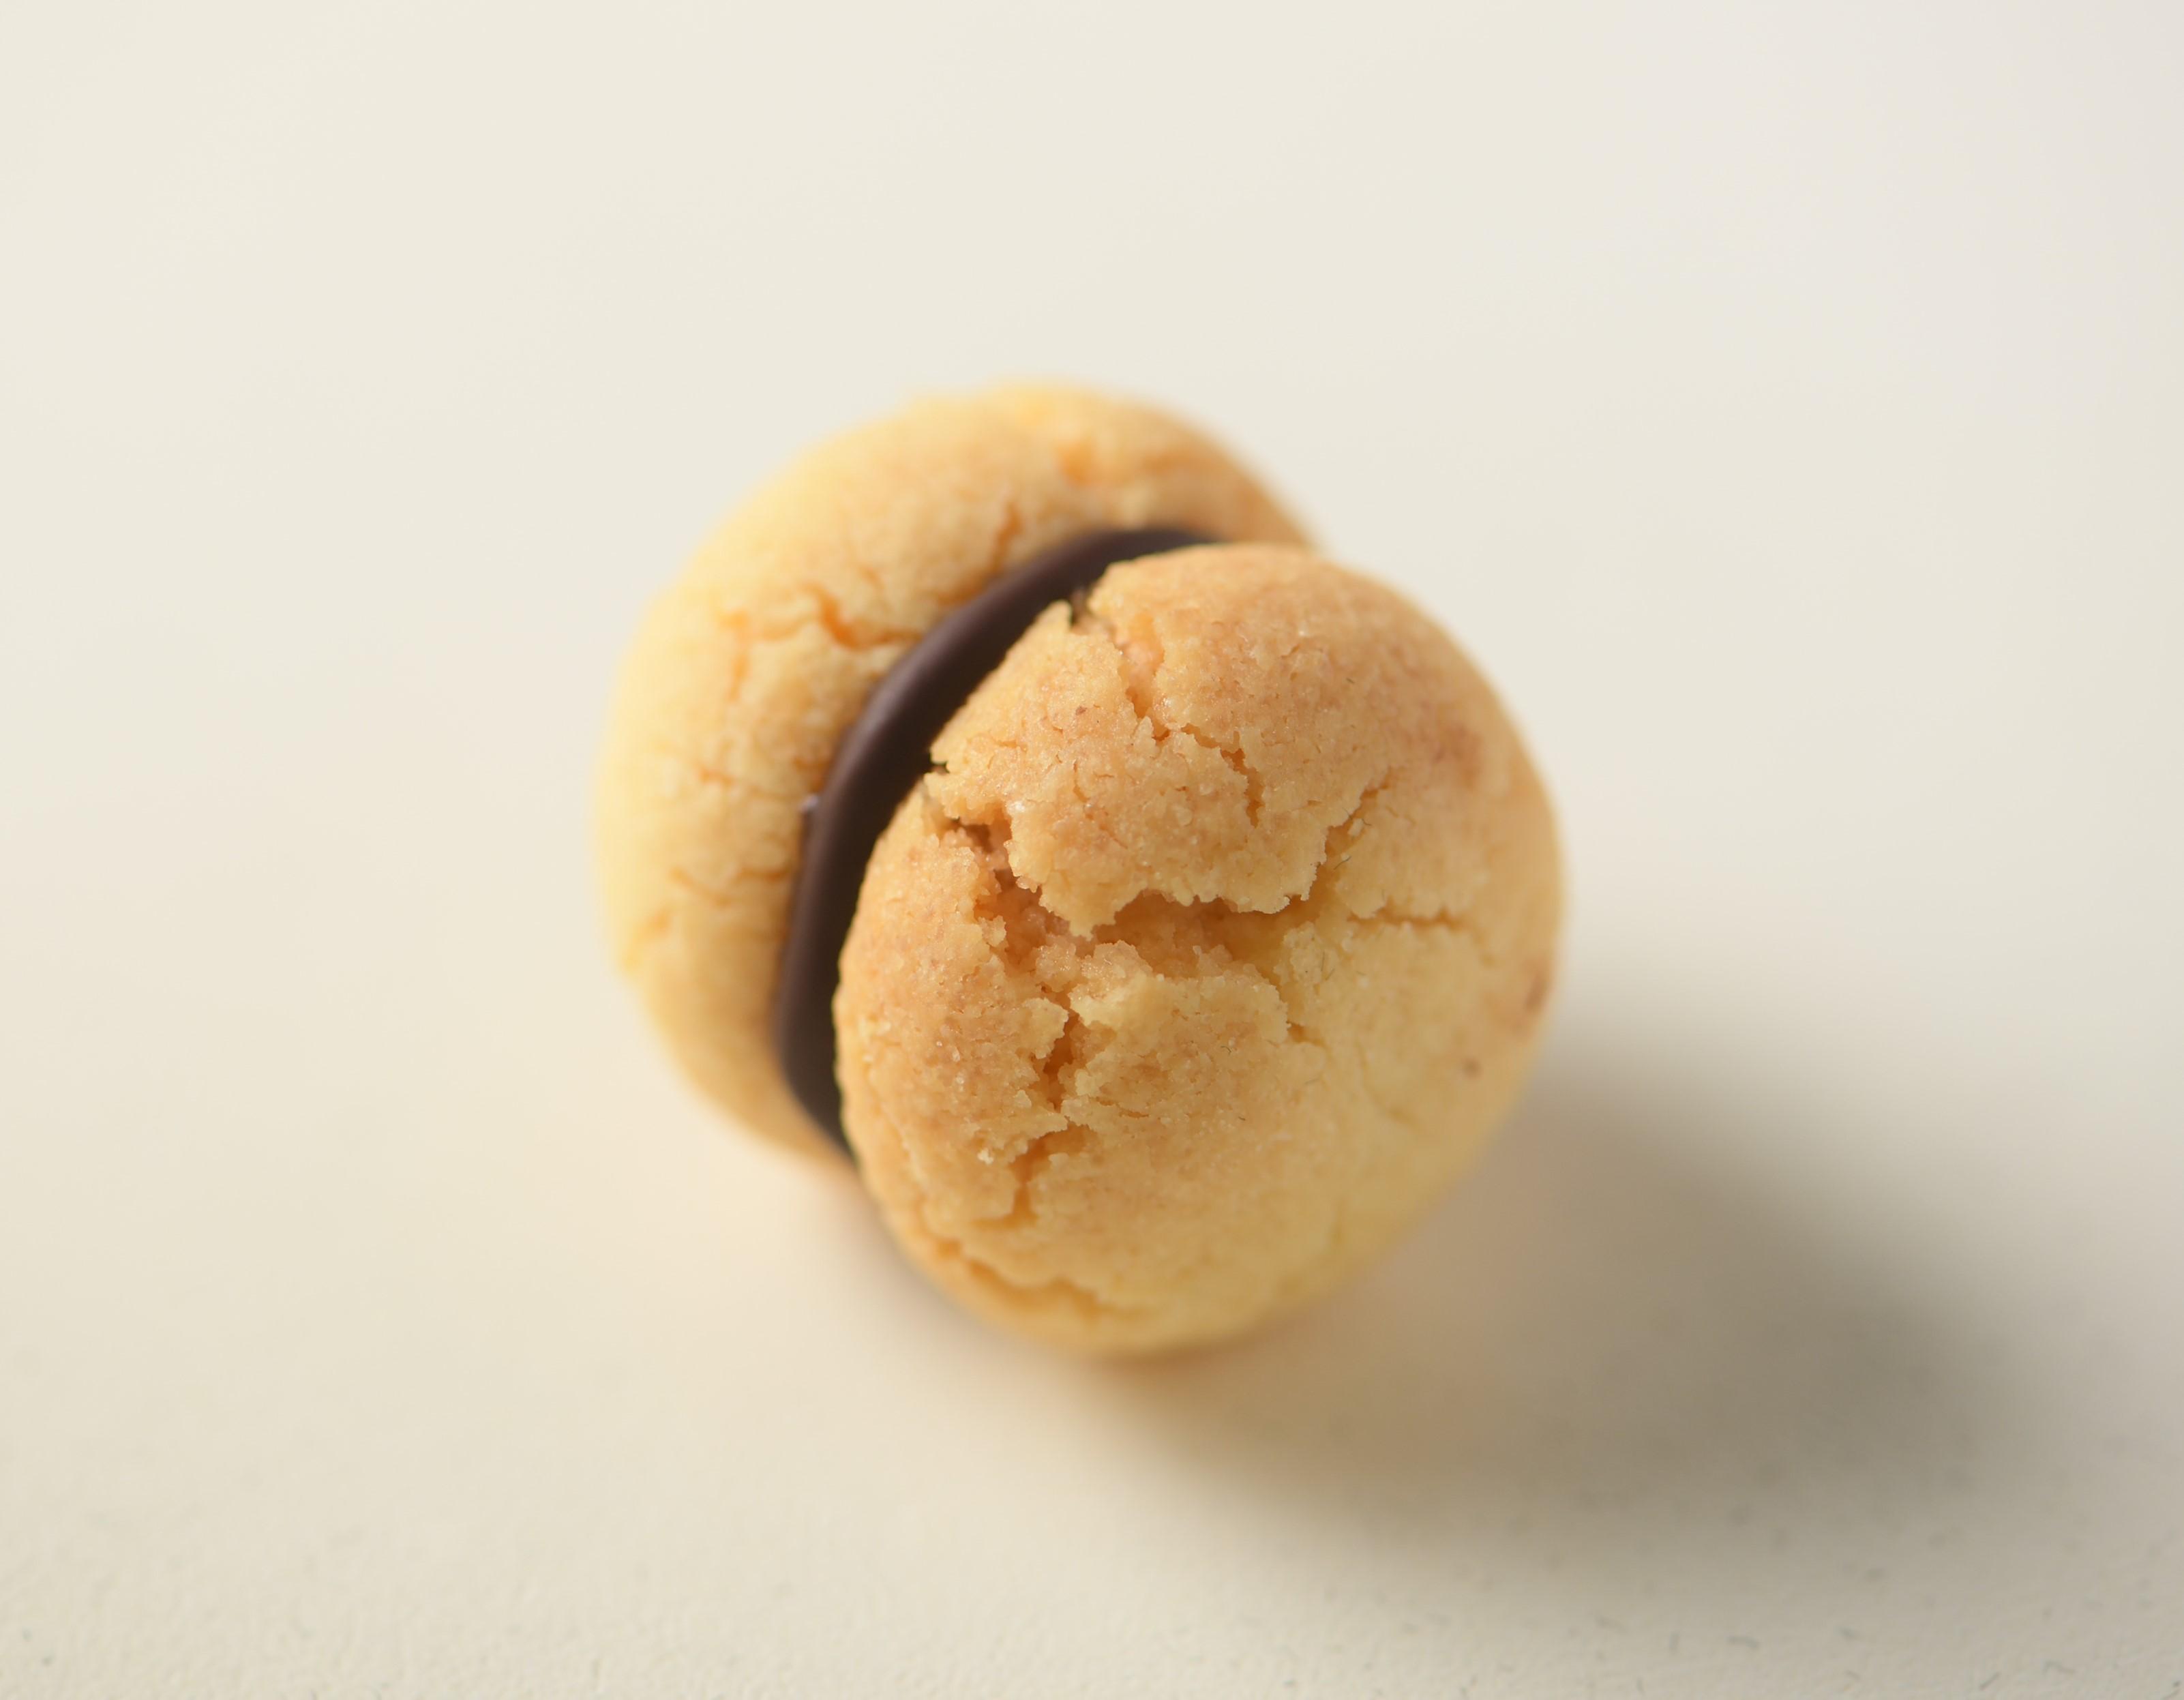 """イタリア伝統菓子 """"貴婦人のキス""""に ココア、ピスタチオ、ヘーゼルナッツ、3種の新味が誕生!"""